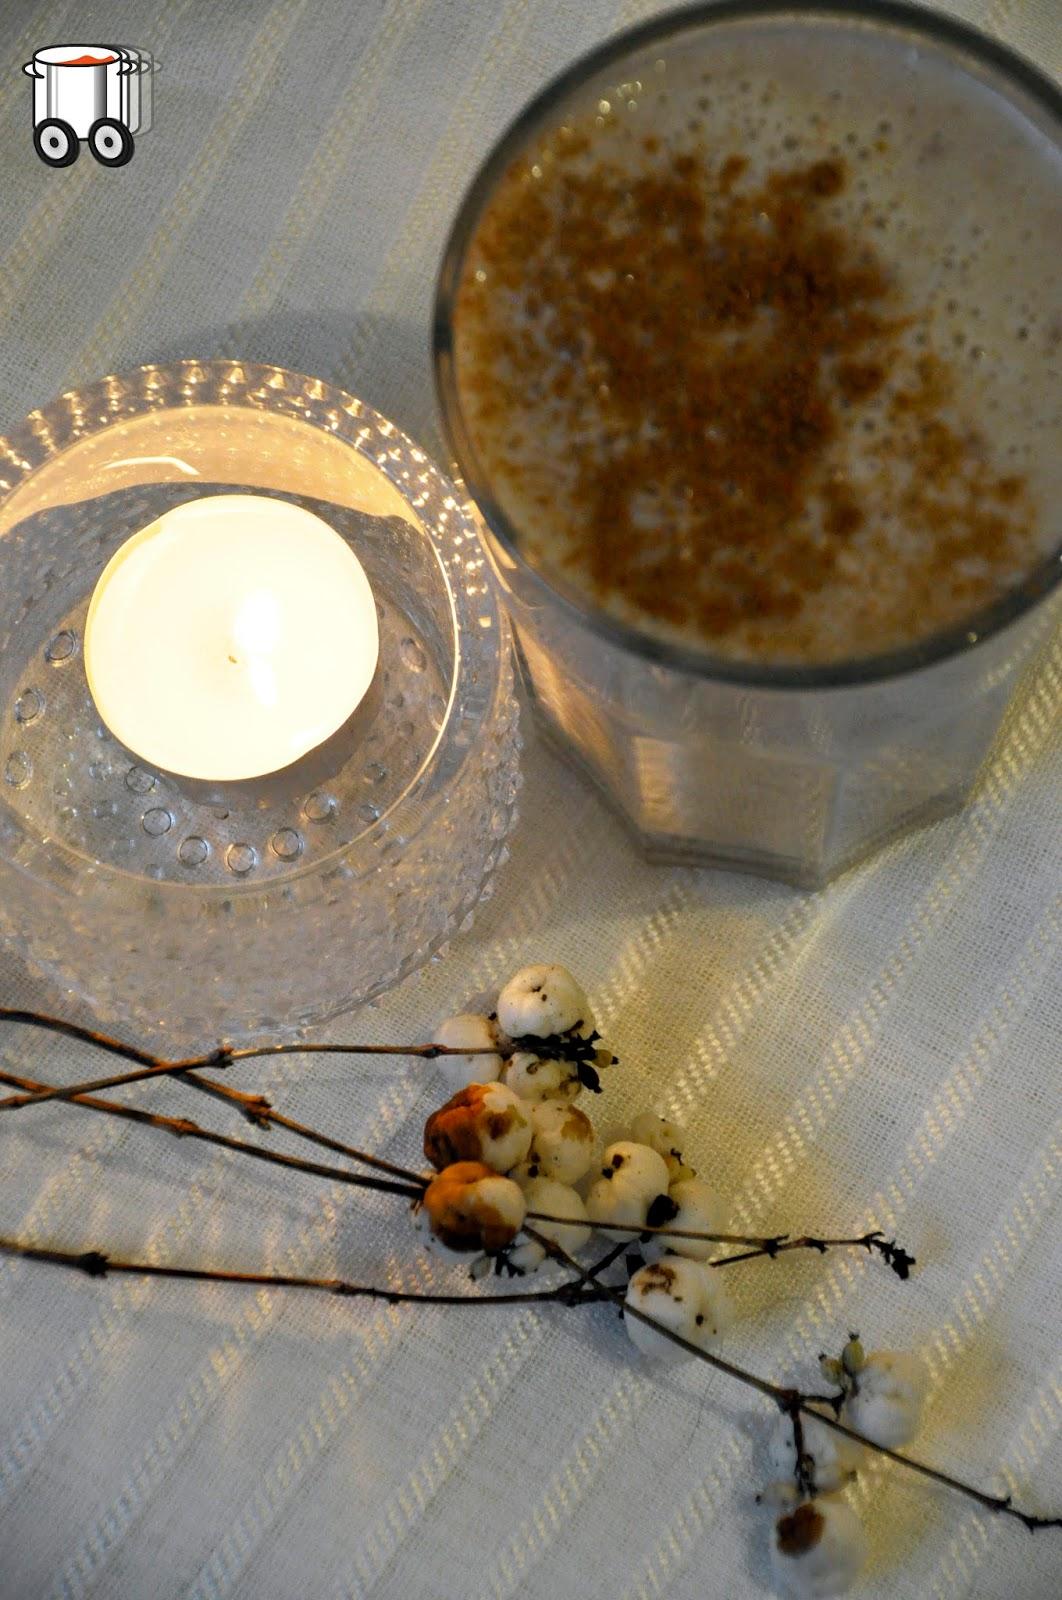 Szybko Tanio Smacznie - Świąteczny koktajl (bez laktozy, bez glutenu)